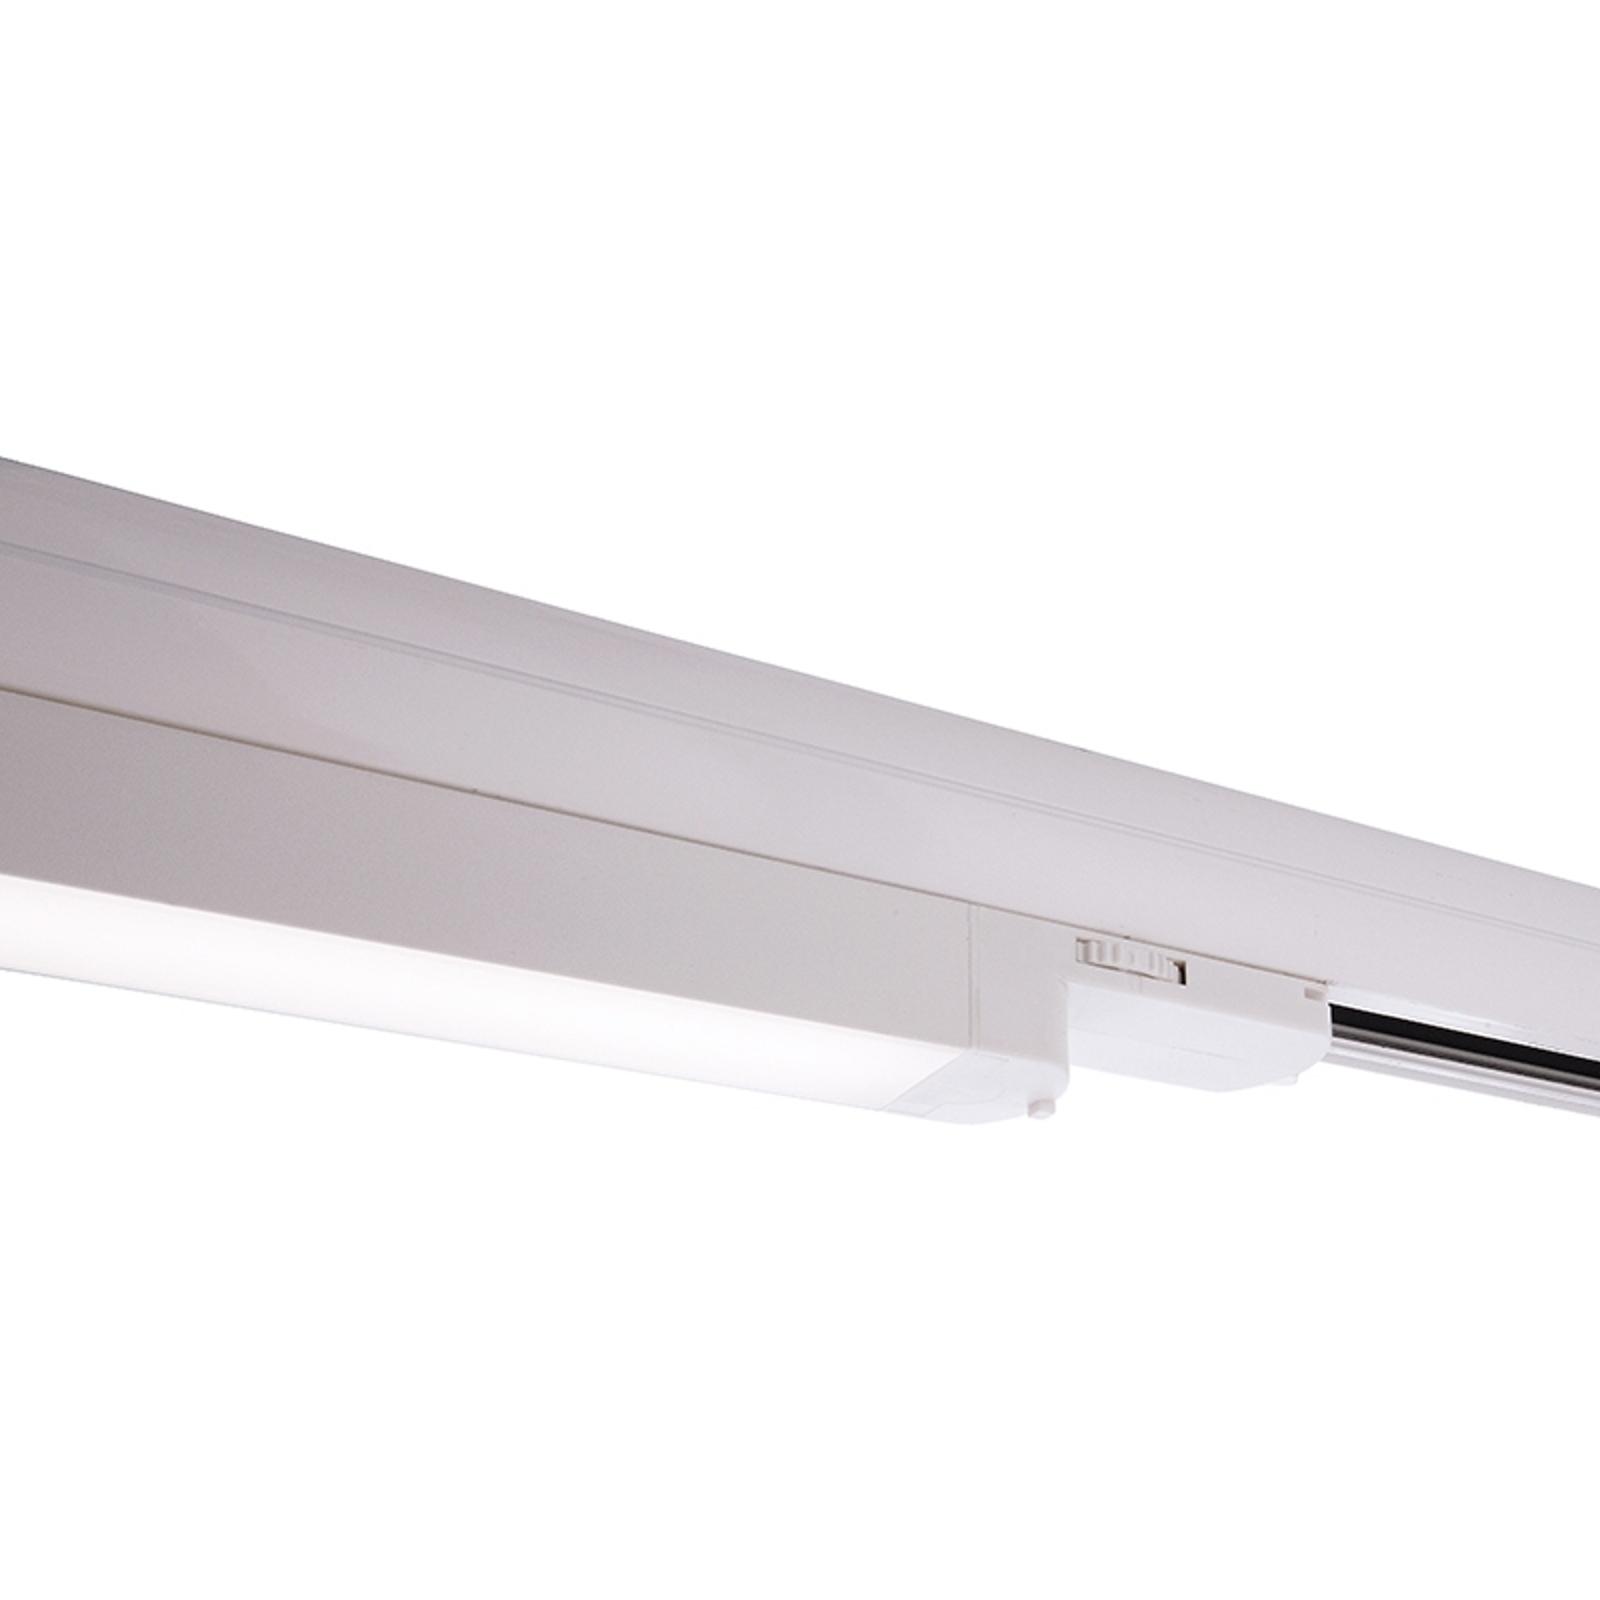 3-fazowy reflektor szynowy Linear 100, LED